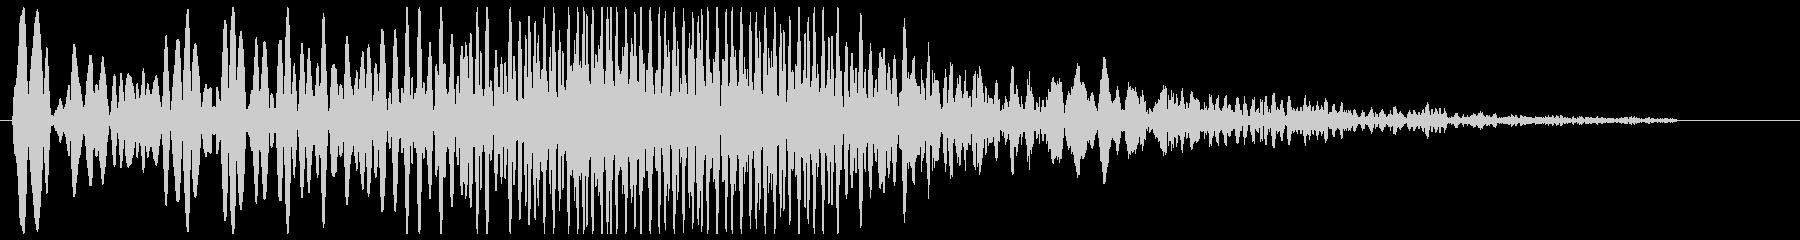 ブーゥンシューーッというマシン作動音の未再生の波形